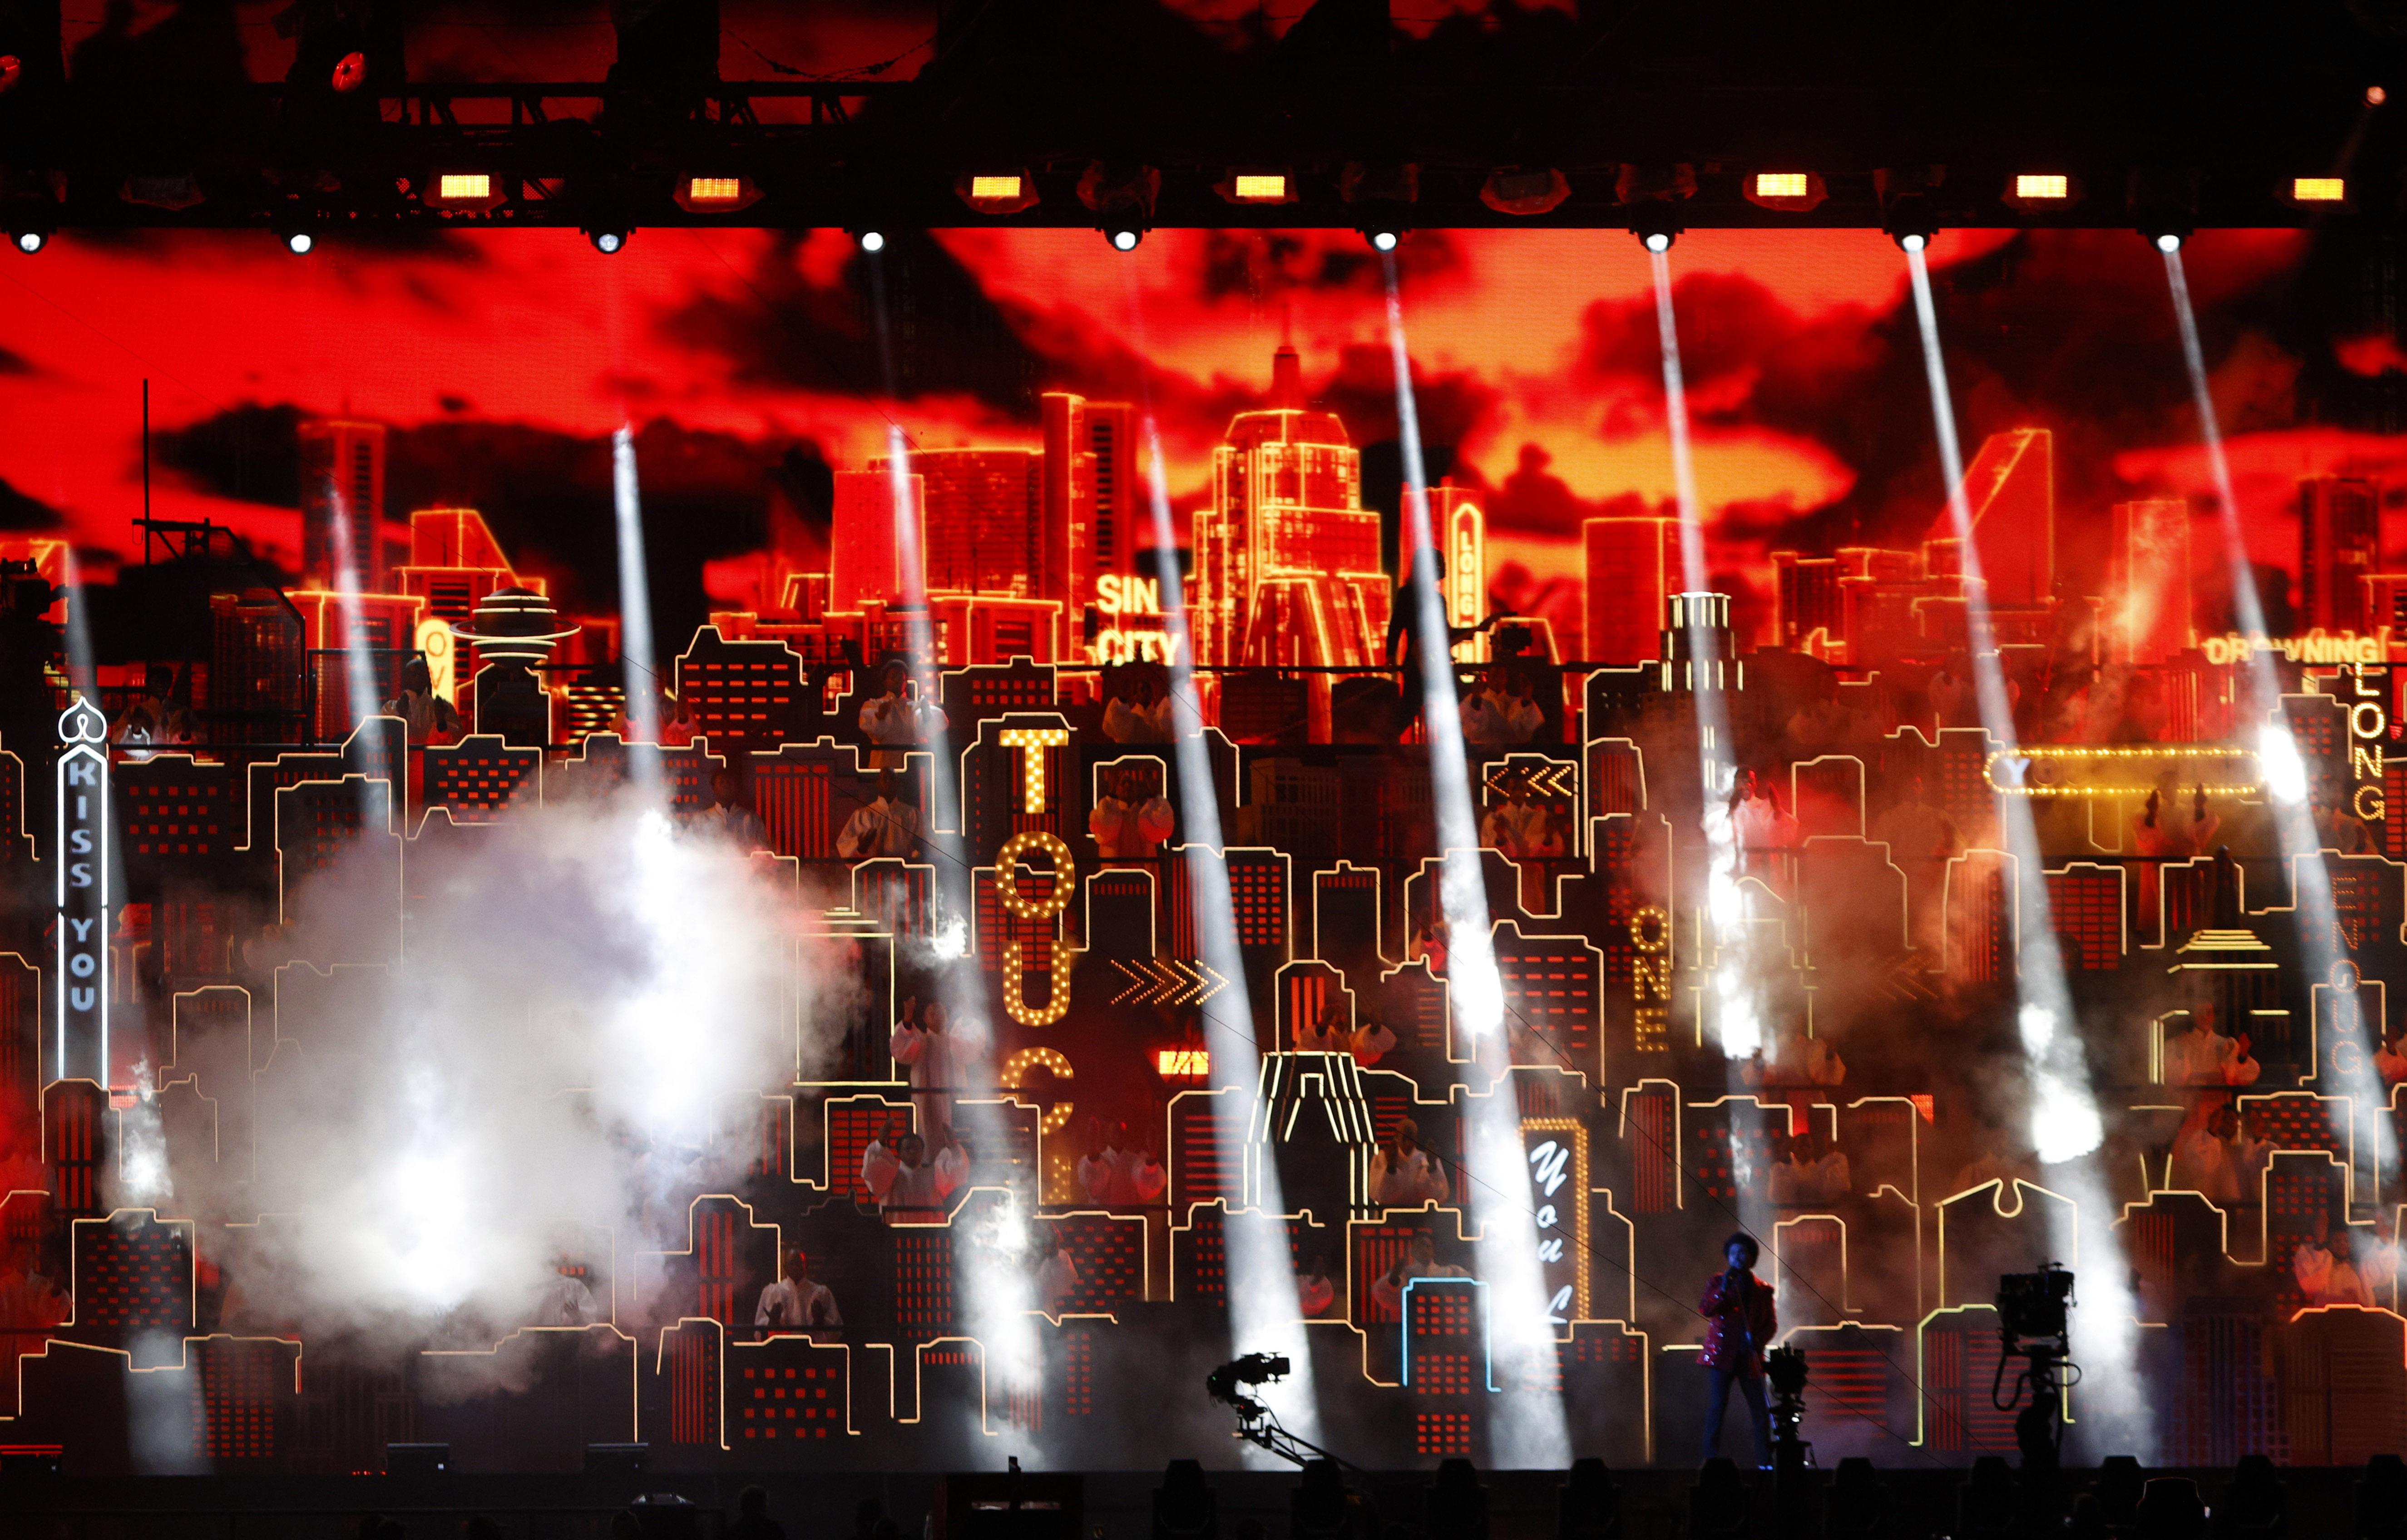 El artista inició su actuación en el escenario de una de las cabeceras